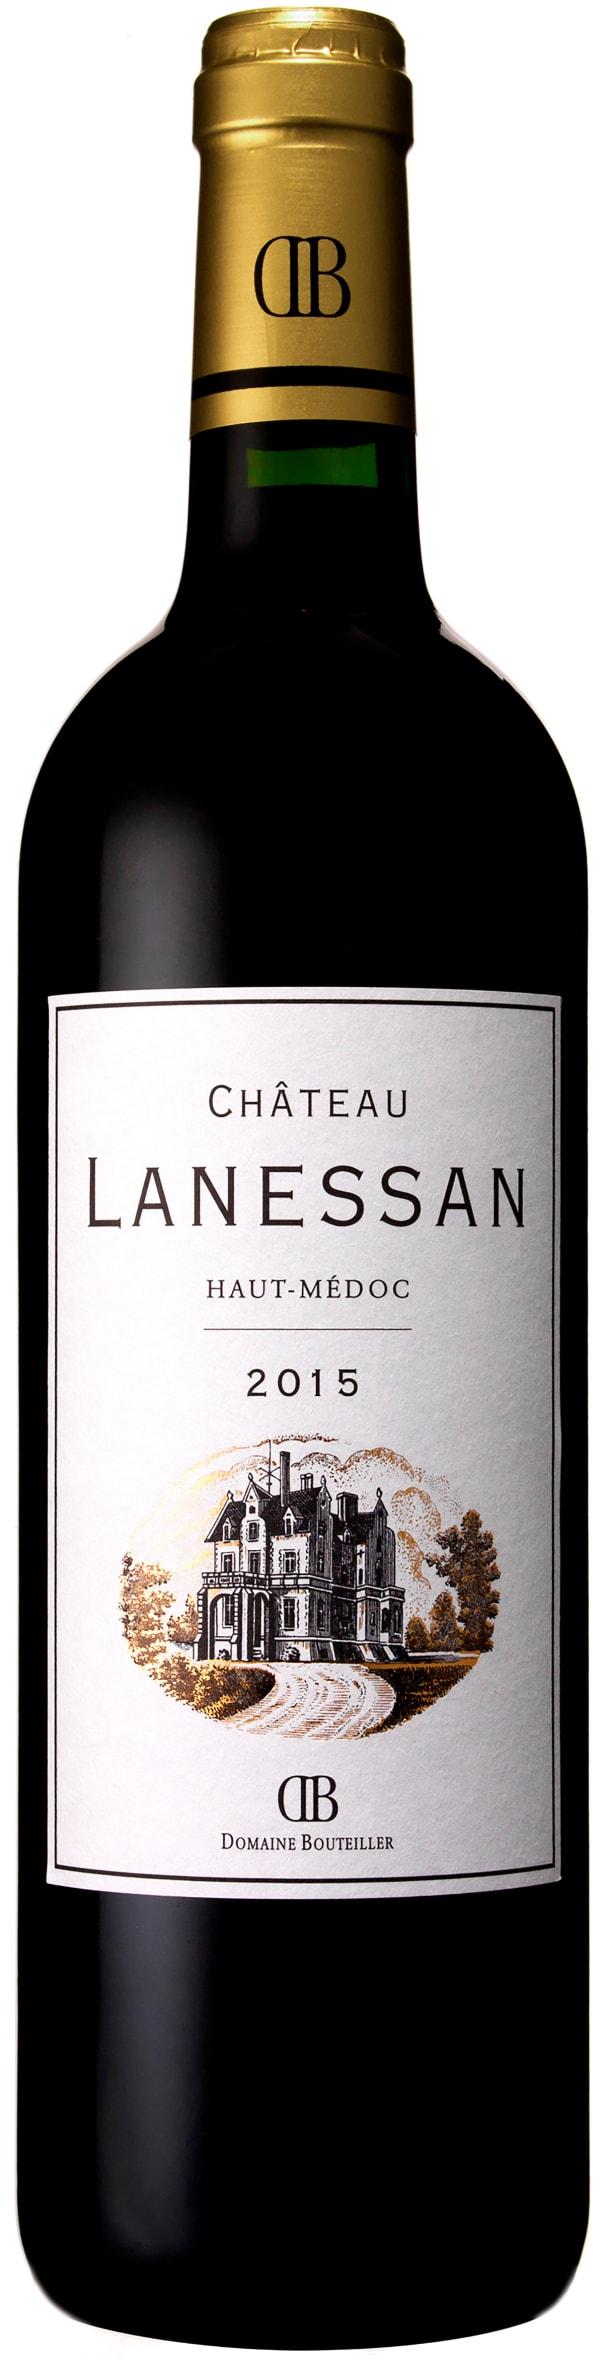 Château Lanessan 2015